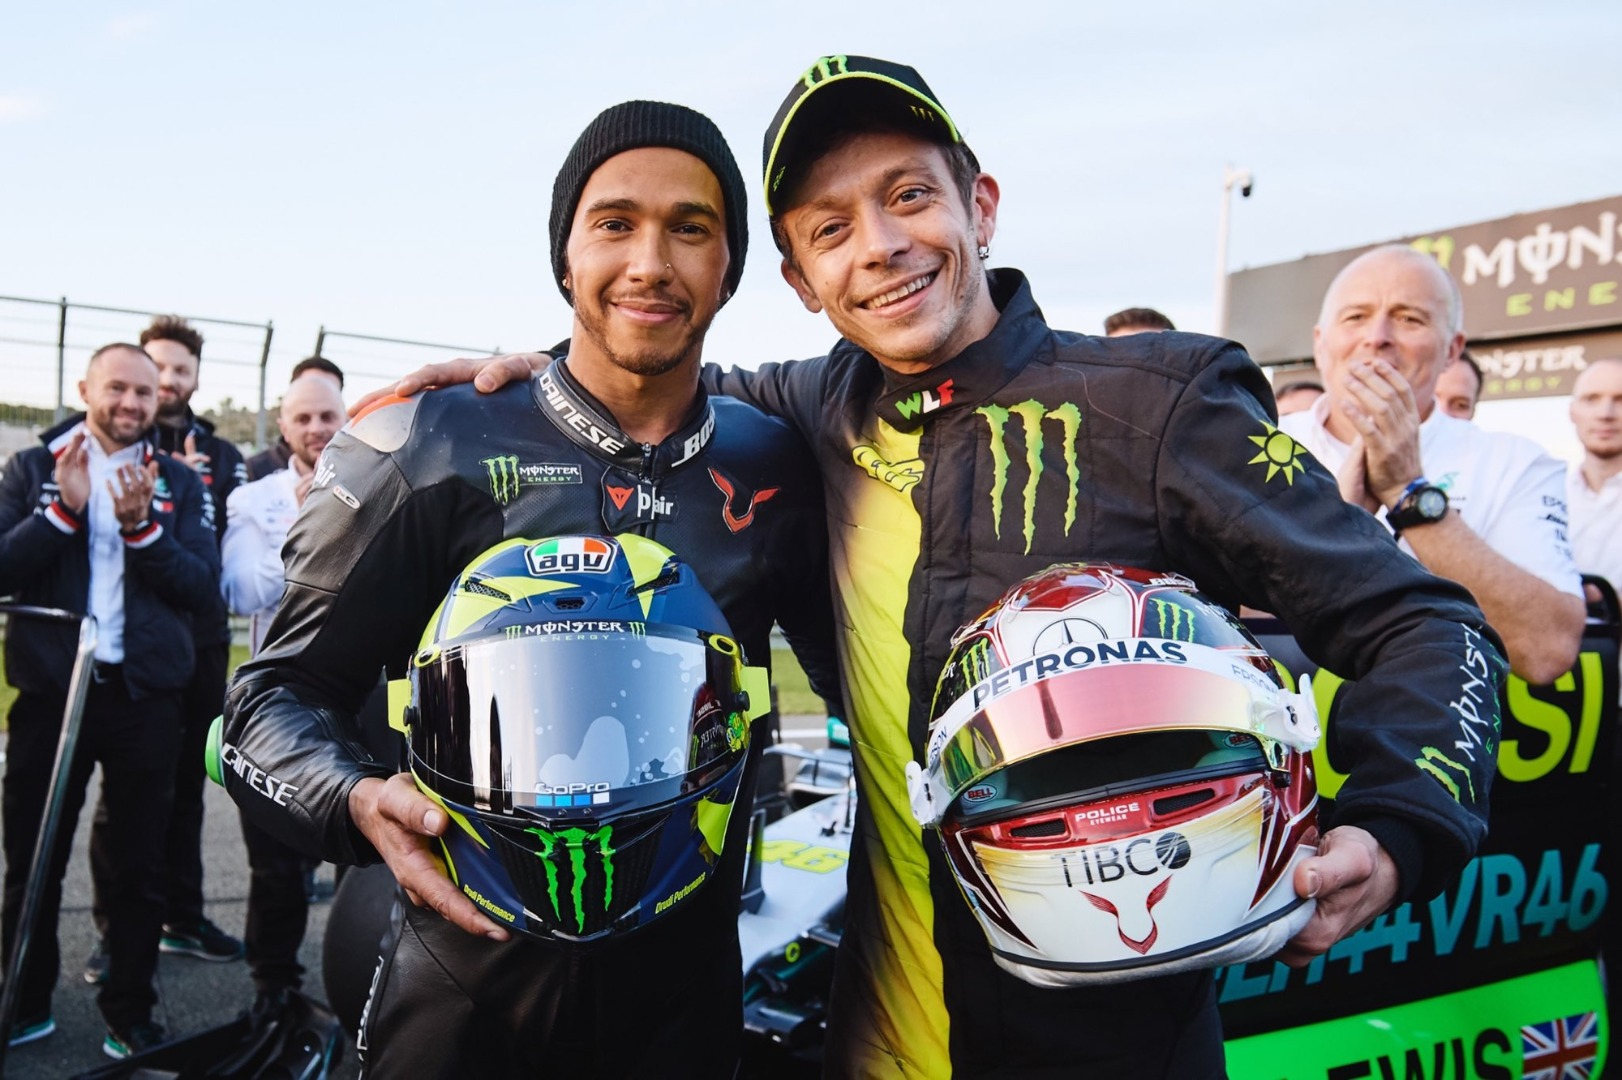 Rossi F1 Y Hamilkton MotoGp 1